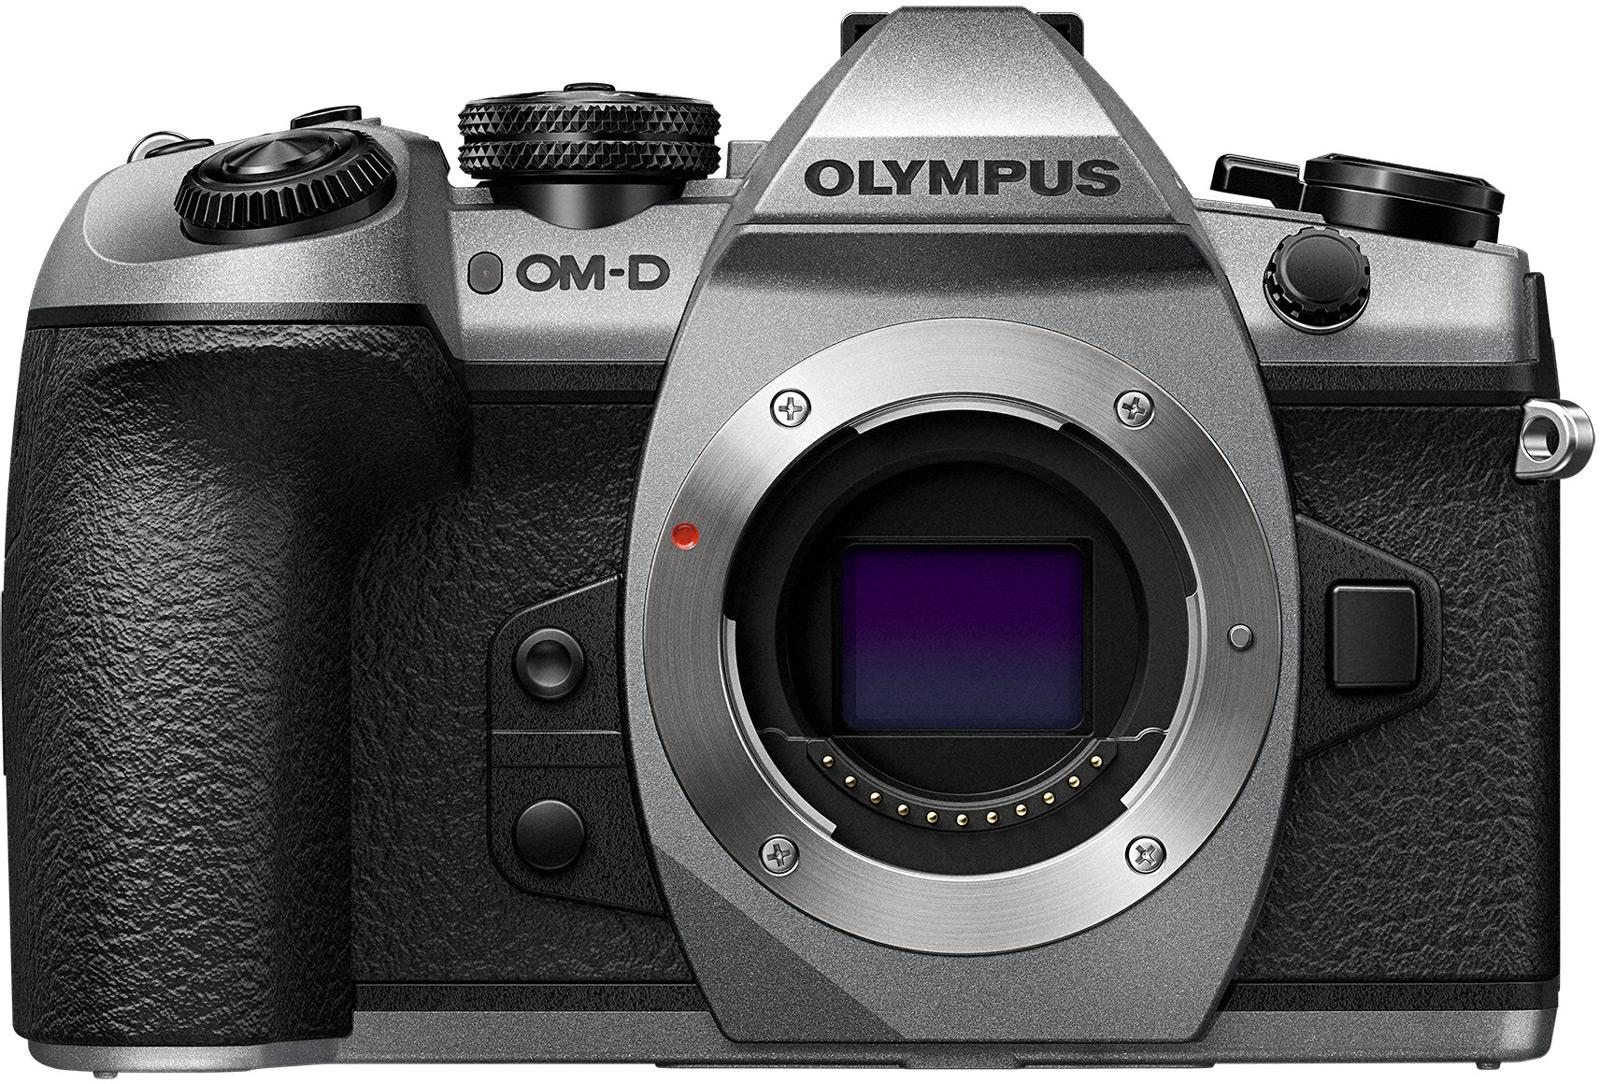 последний выпуск фотоаппаратов фото легко удаётся перевоплощаться